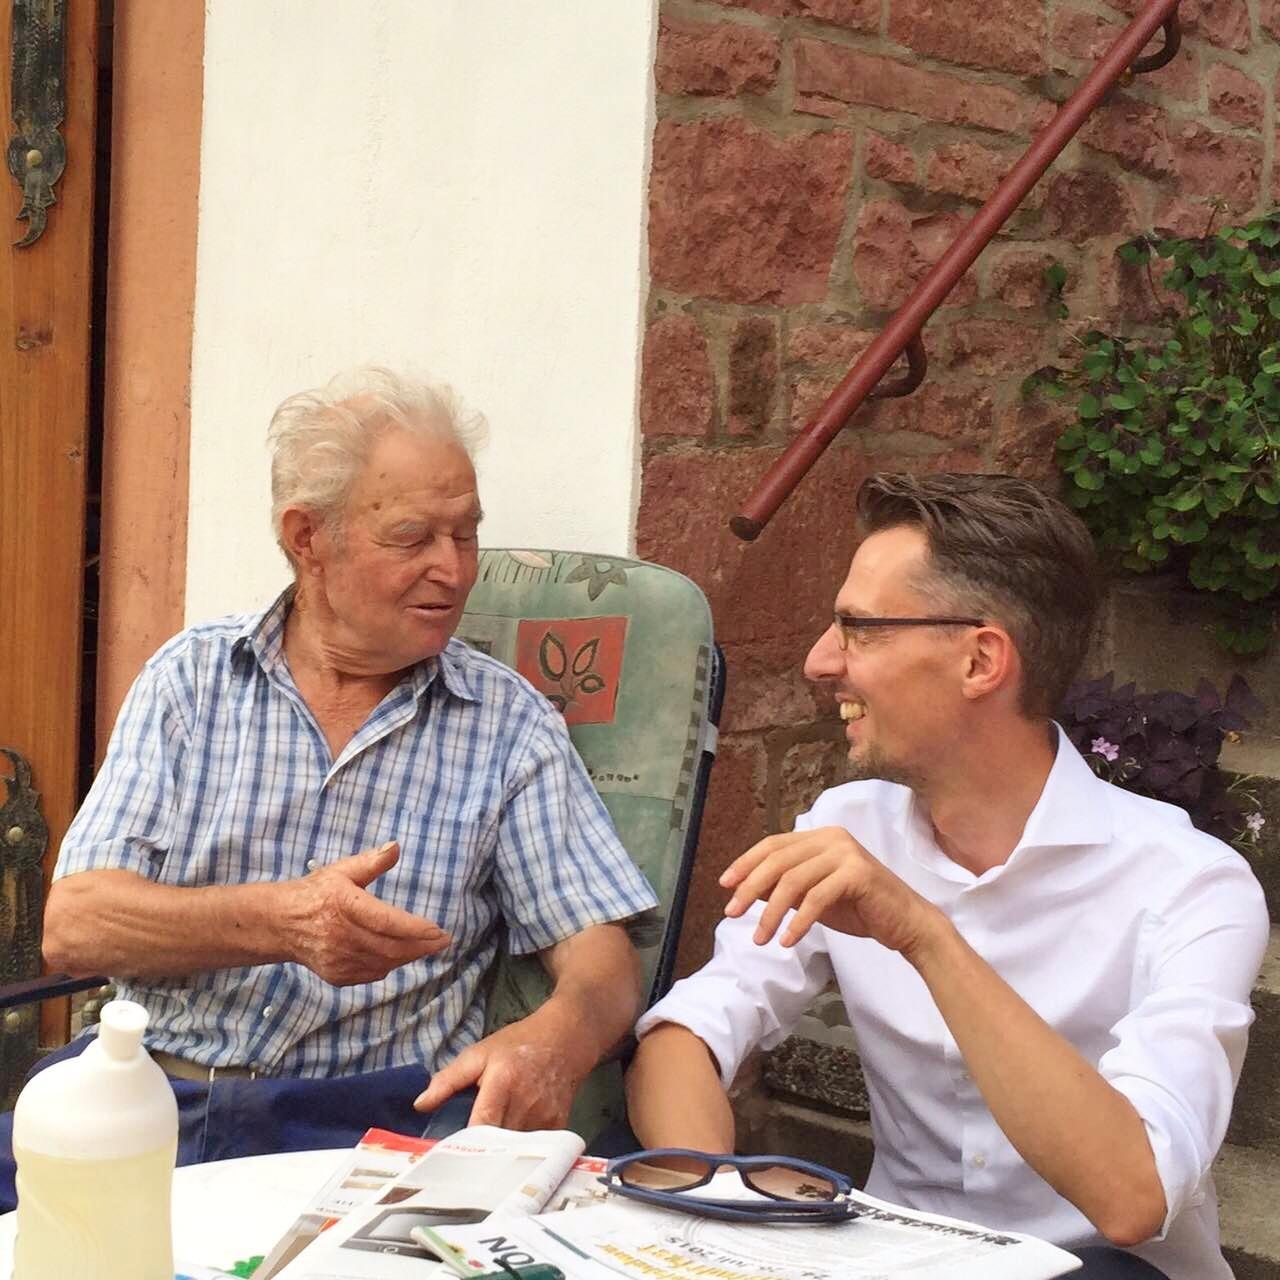 Lars Castellucci Sommertour 2015 Epfenbach Hausbesuche